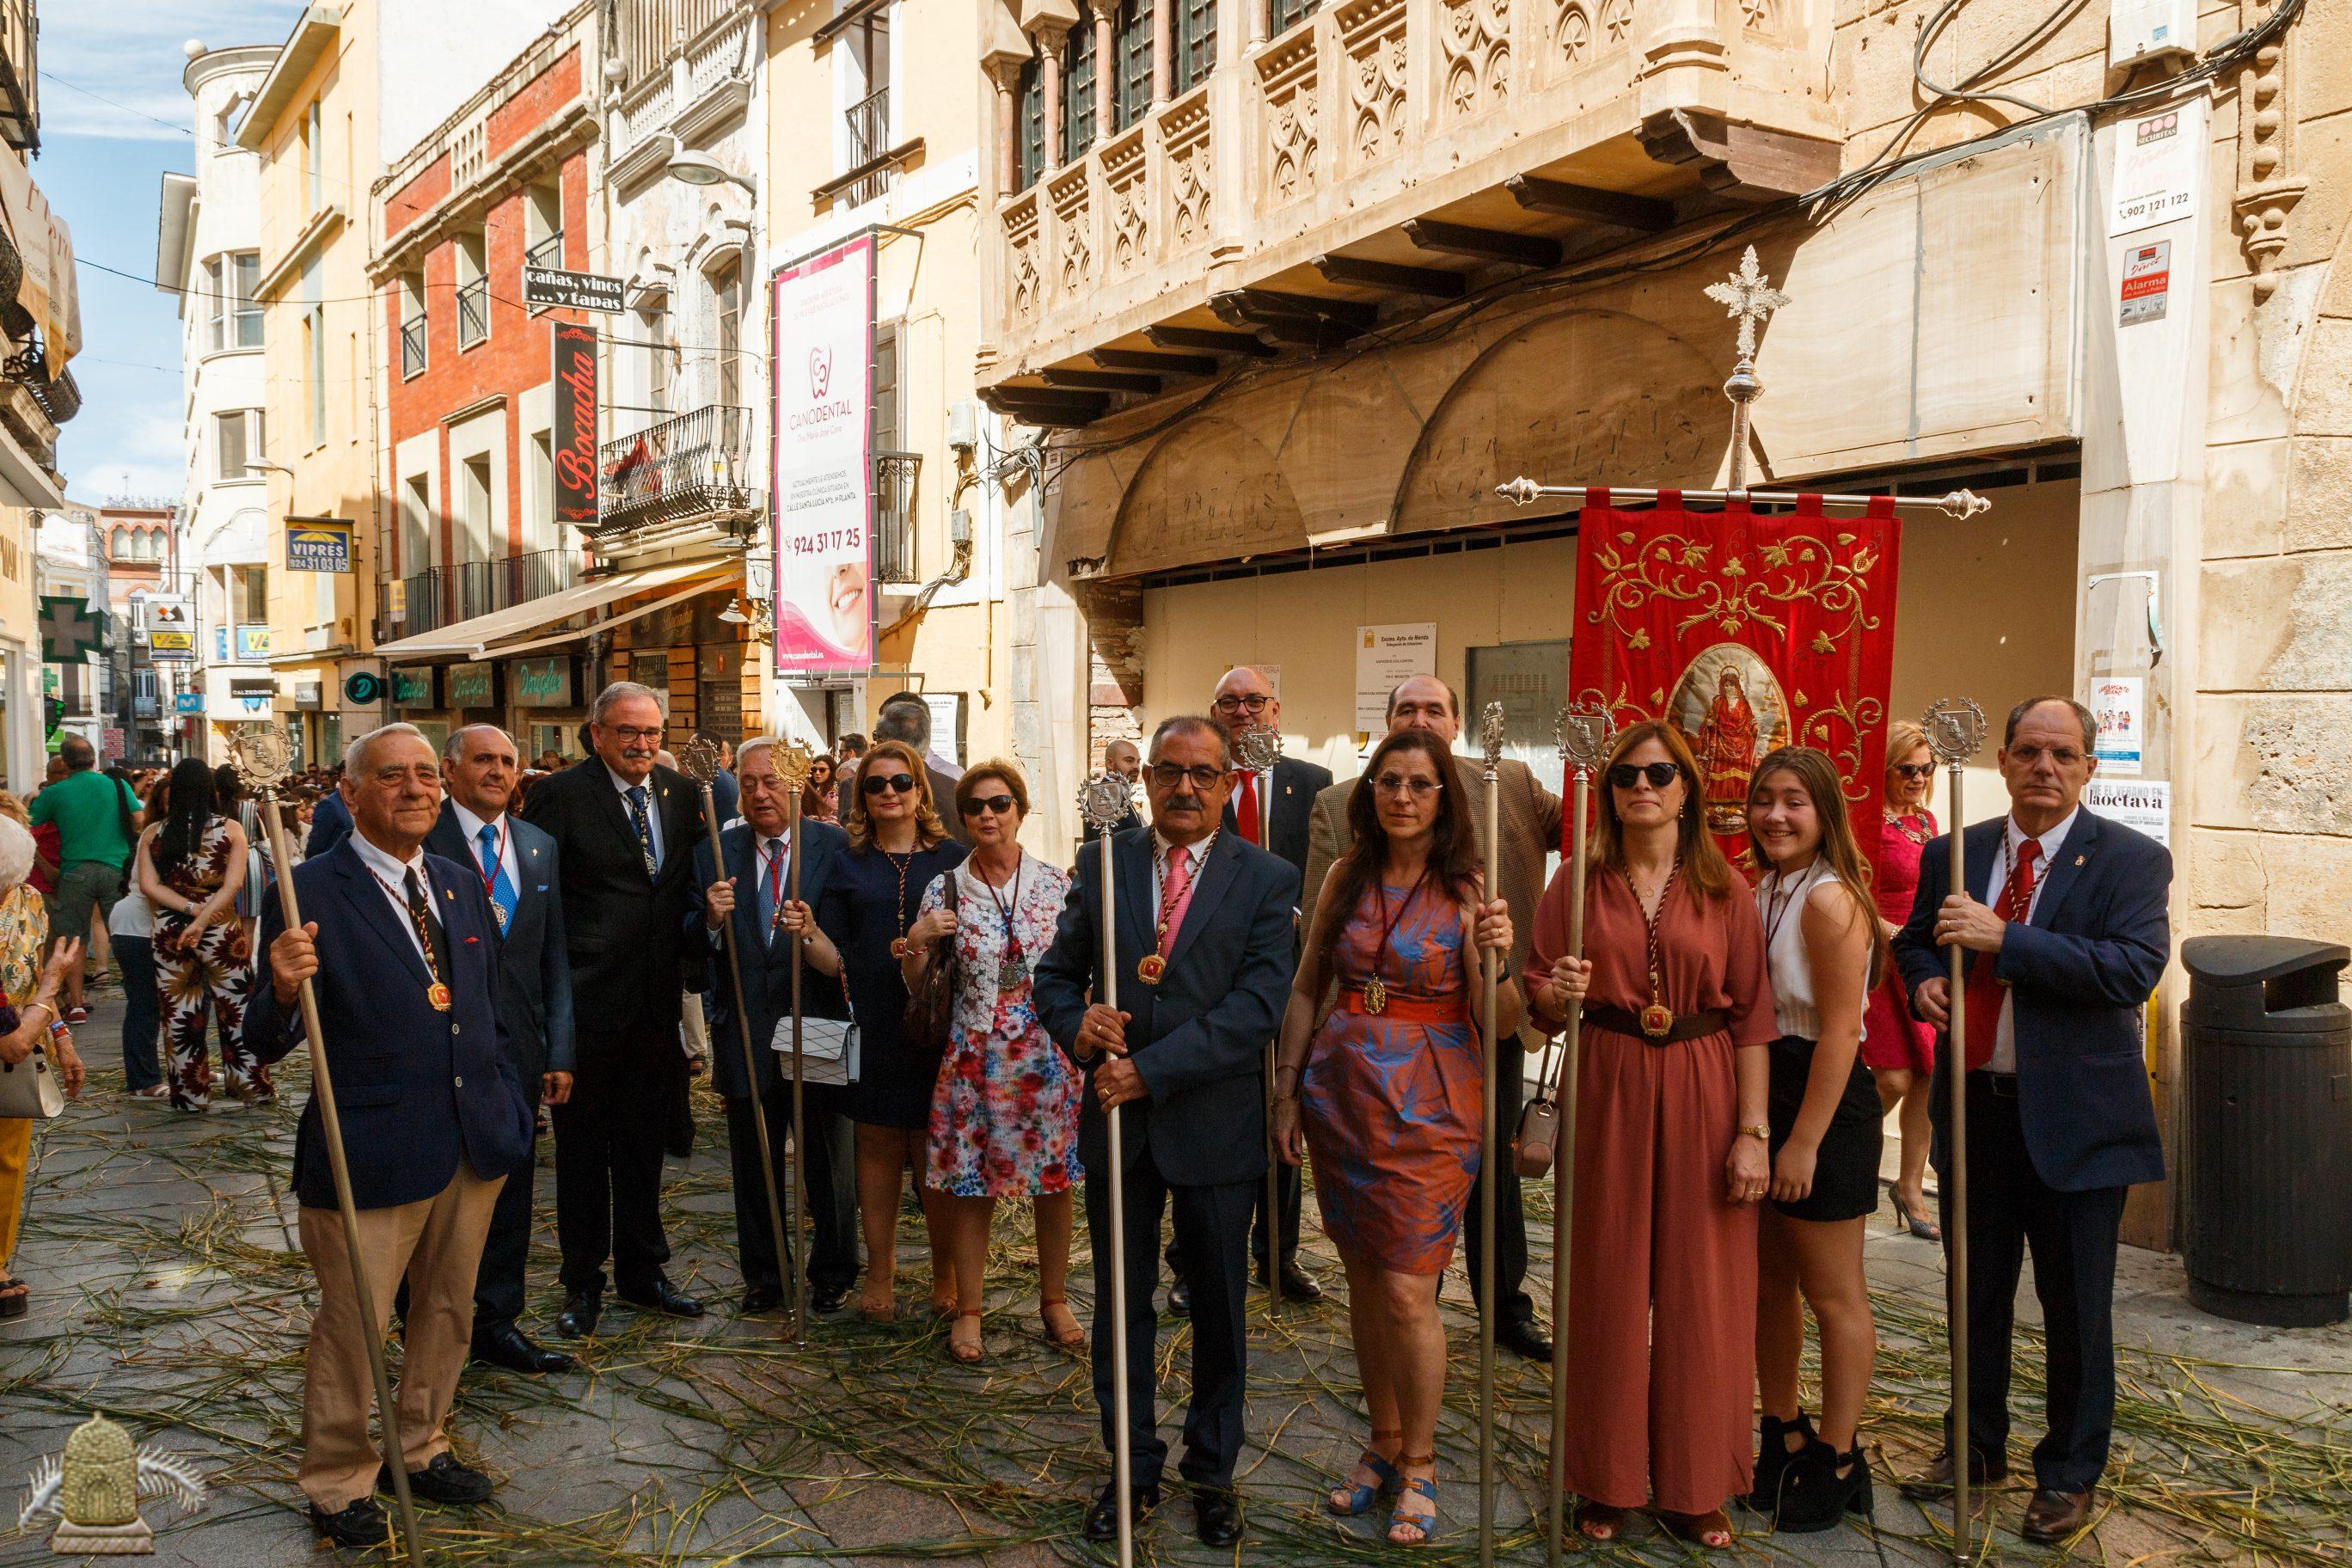 Miembros de la Asociación durante la procesión